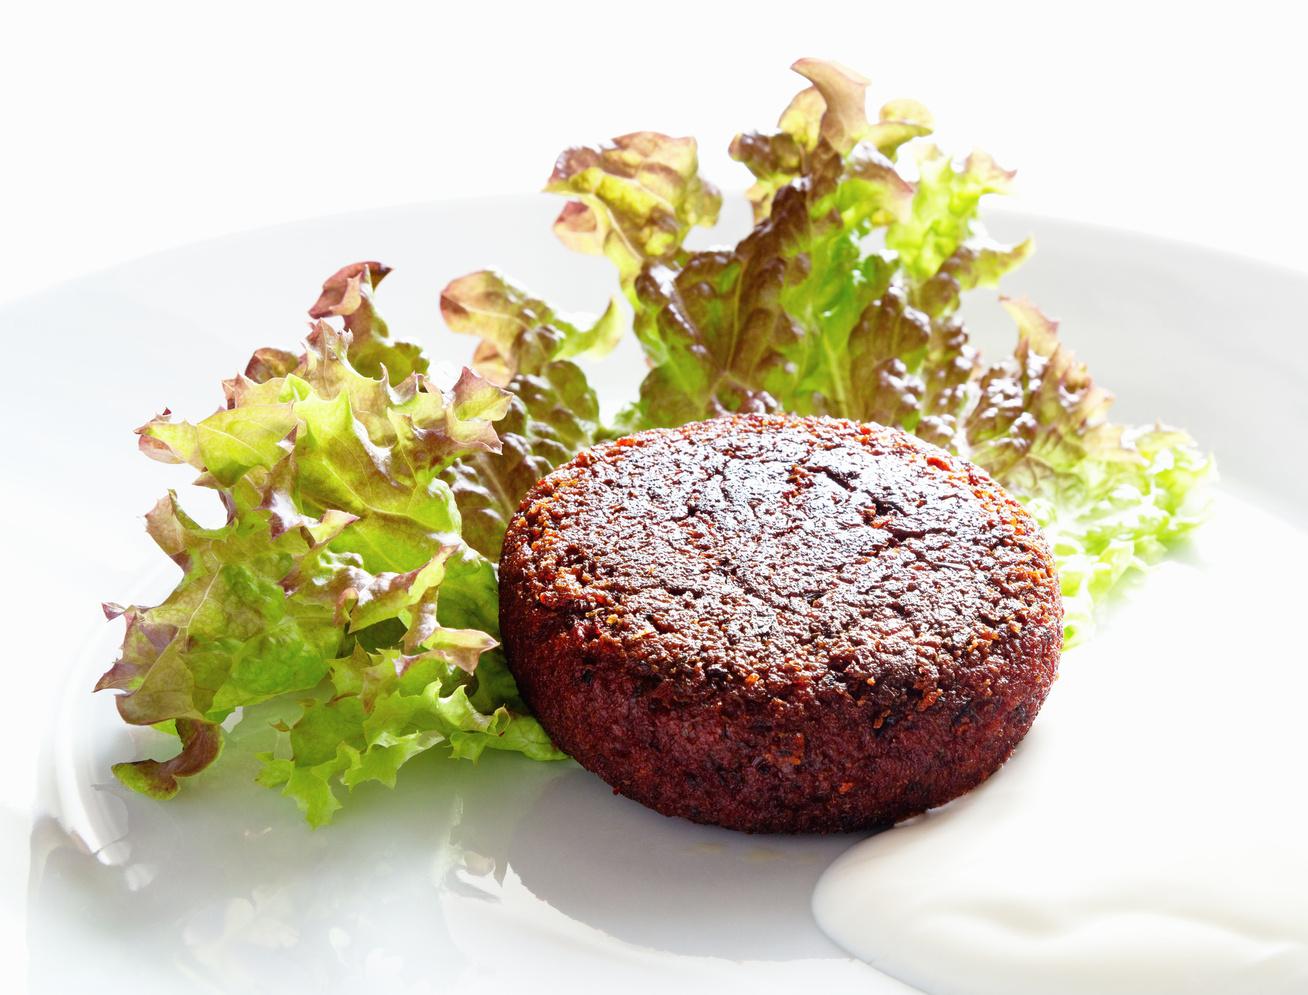 Fűszeres céklafasírt olaj nélkül: könnyű ebéd, amit a fogyókúrázók is megehetnek